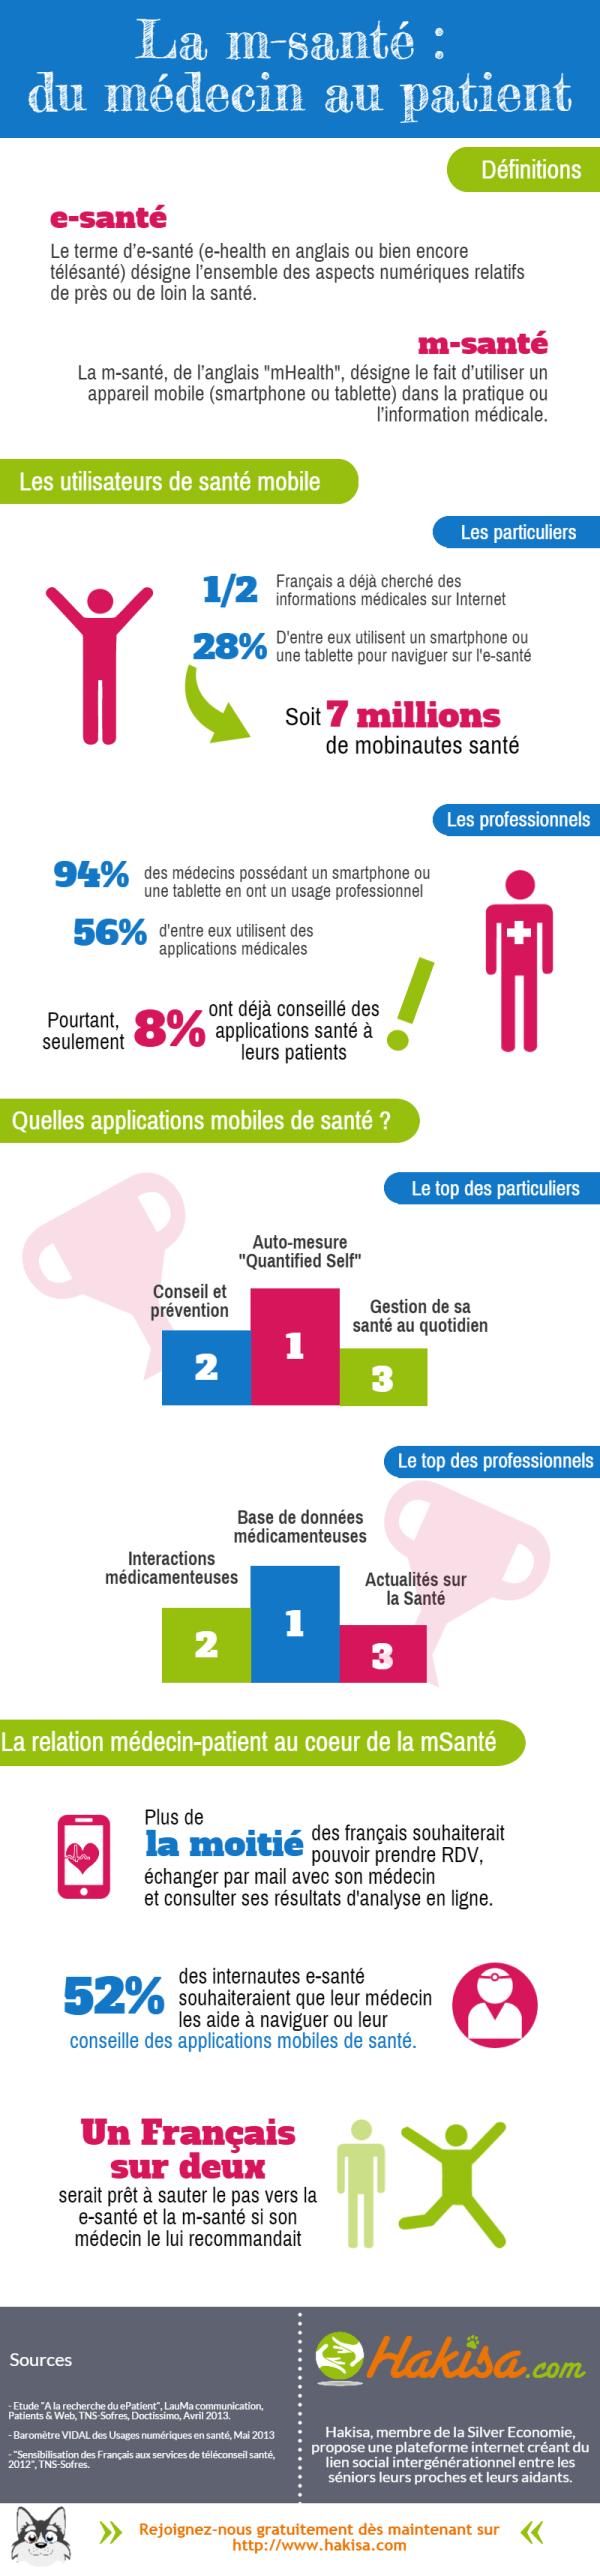 infographie m-santé